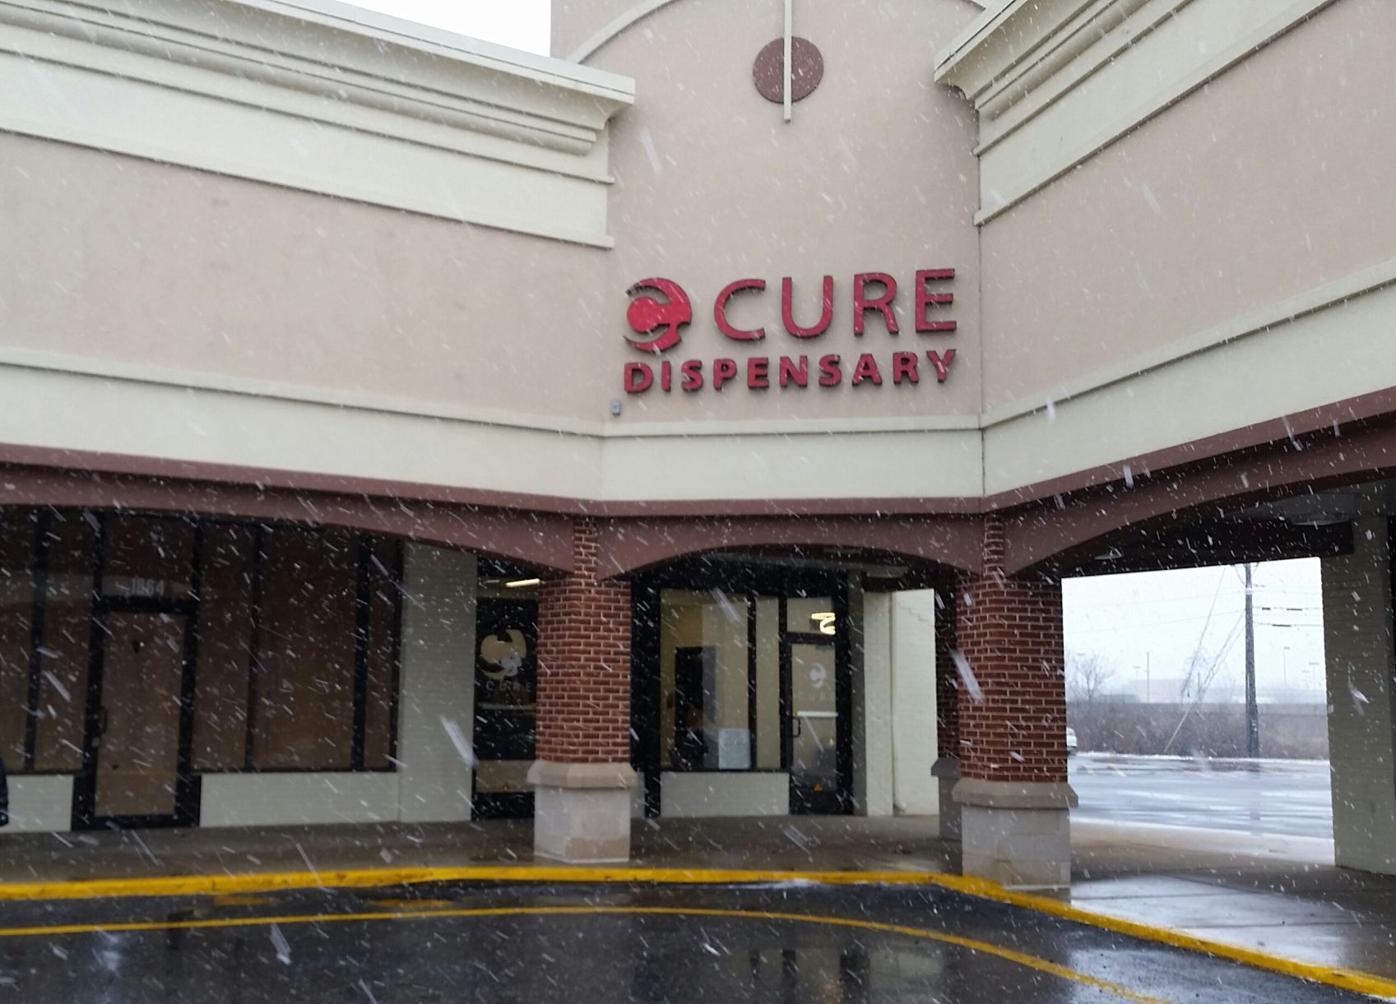 medical marijuana dispensary Cure Pennsylvania